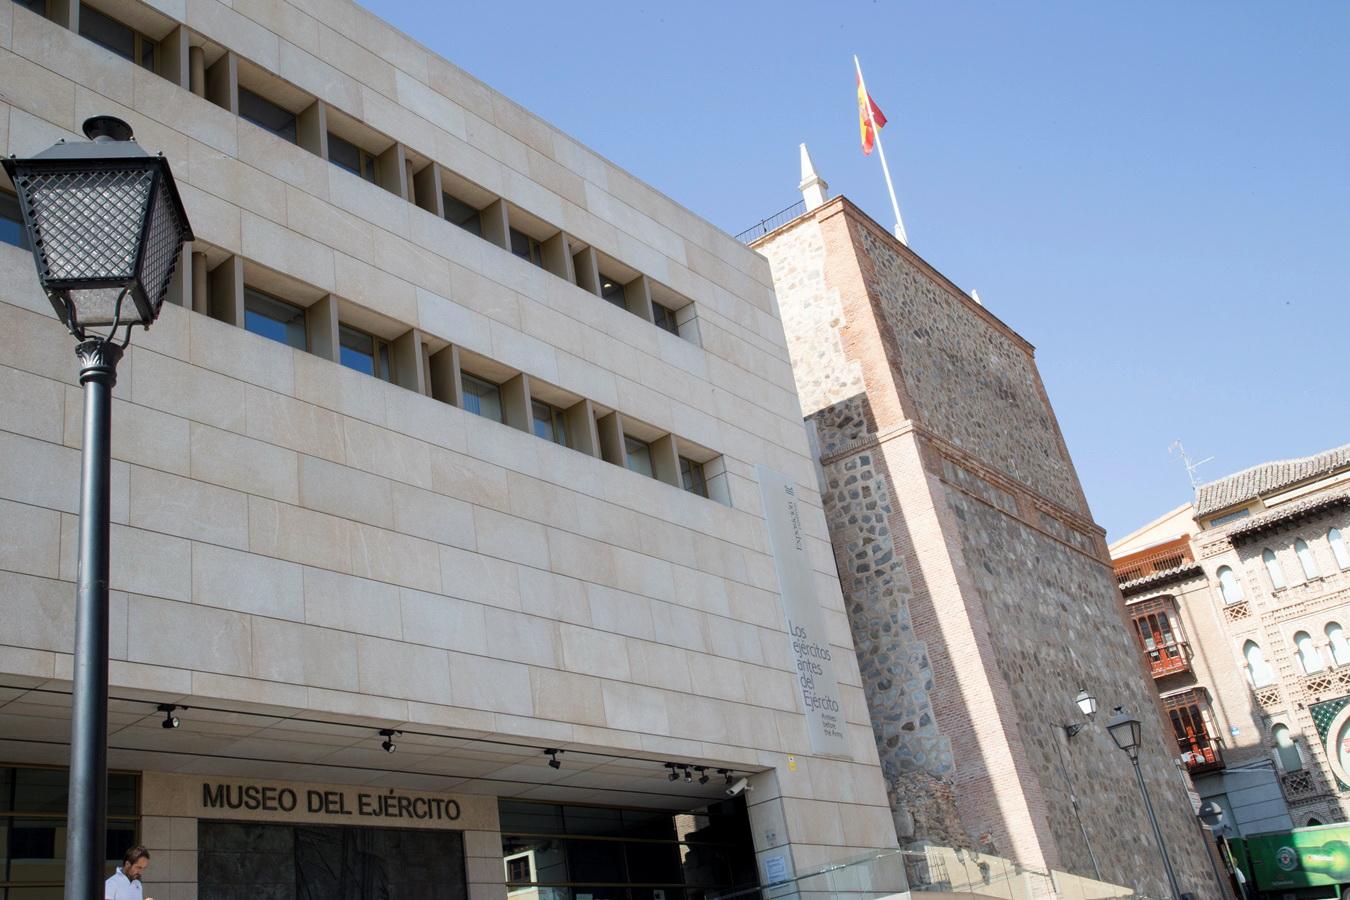 El Museo del Ejército en Toledo cumple cinco años y lo celebra apostando por renovarse